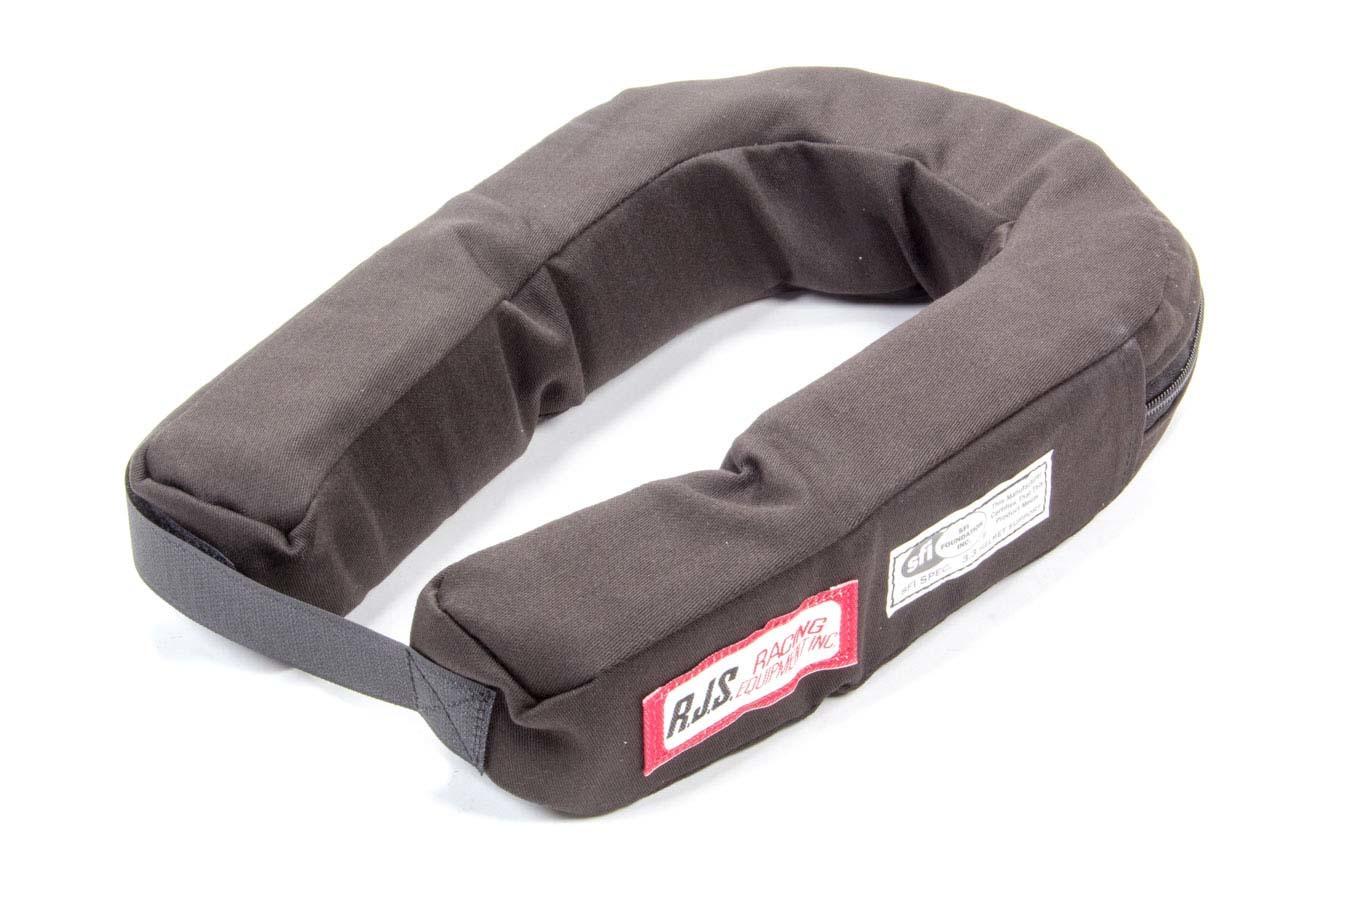 Rjs Safety Neck Collar Horseshoe Black SFI